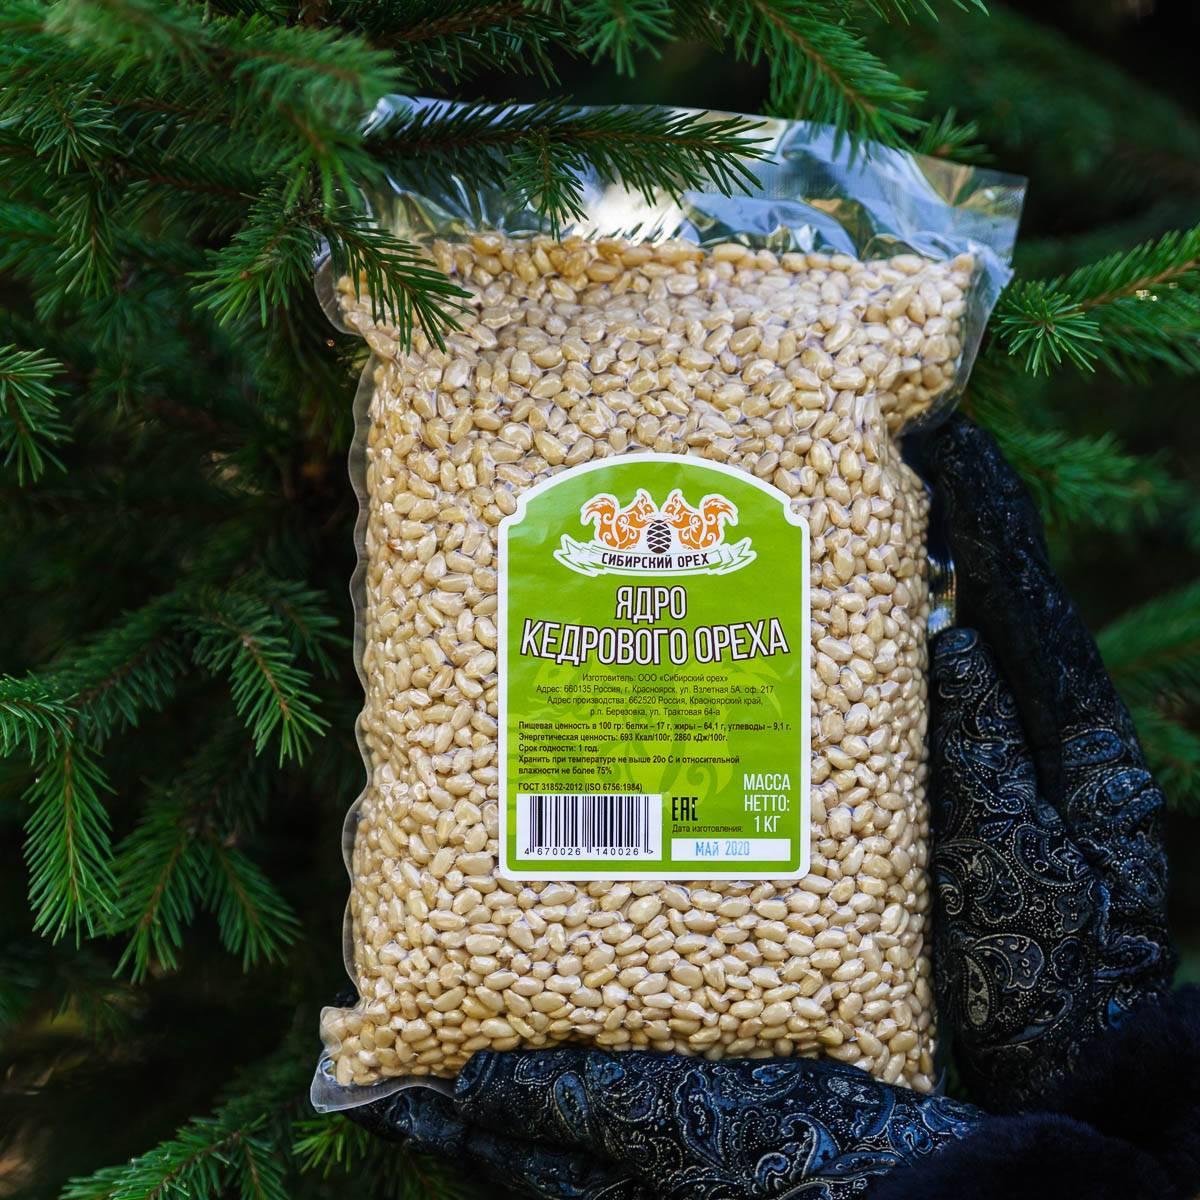 Лечение кедровыми орехами: рецепты народной медицины